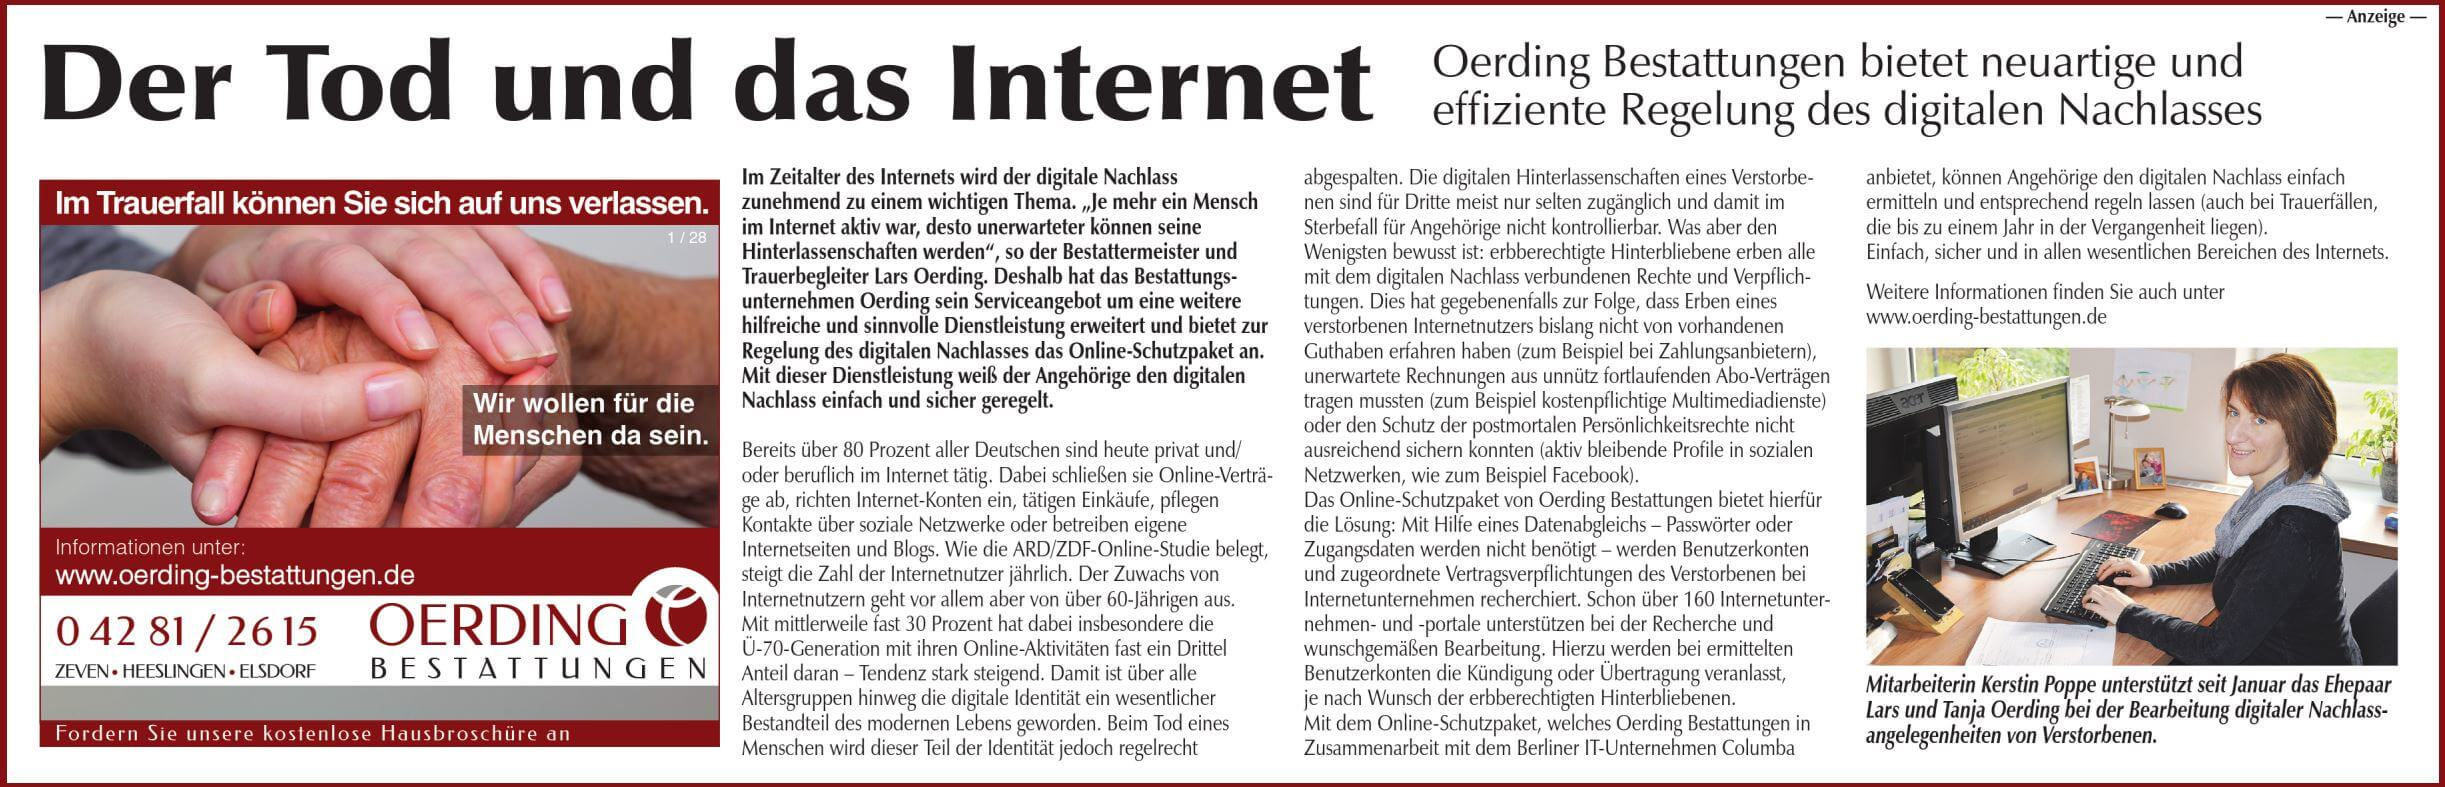 Der Tod und das Internet